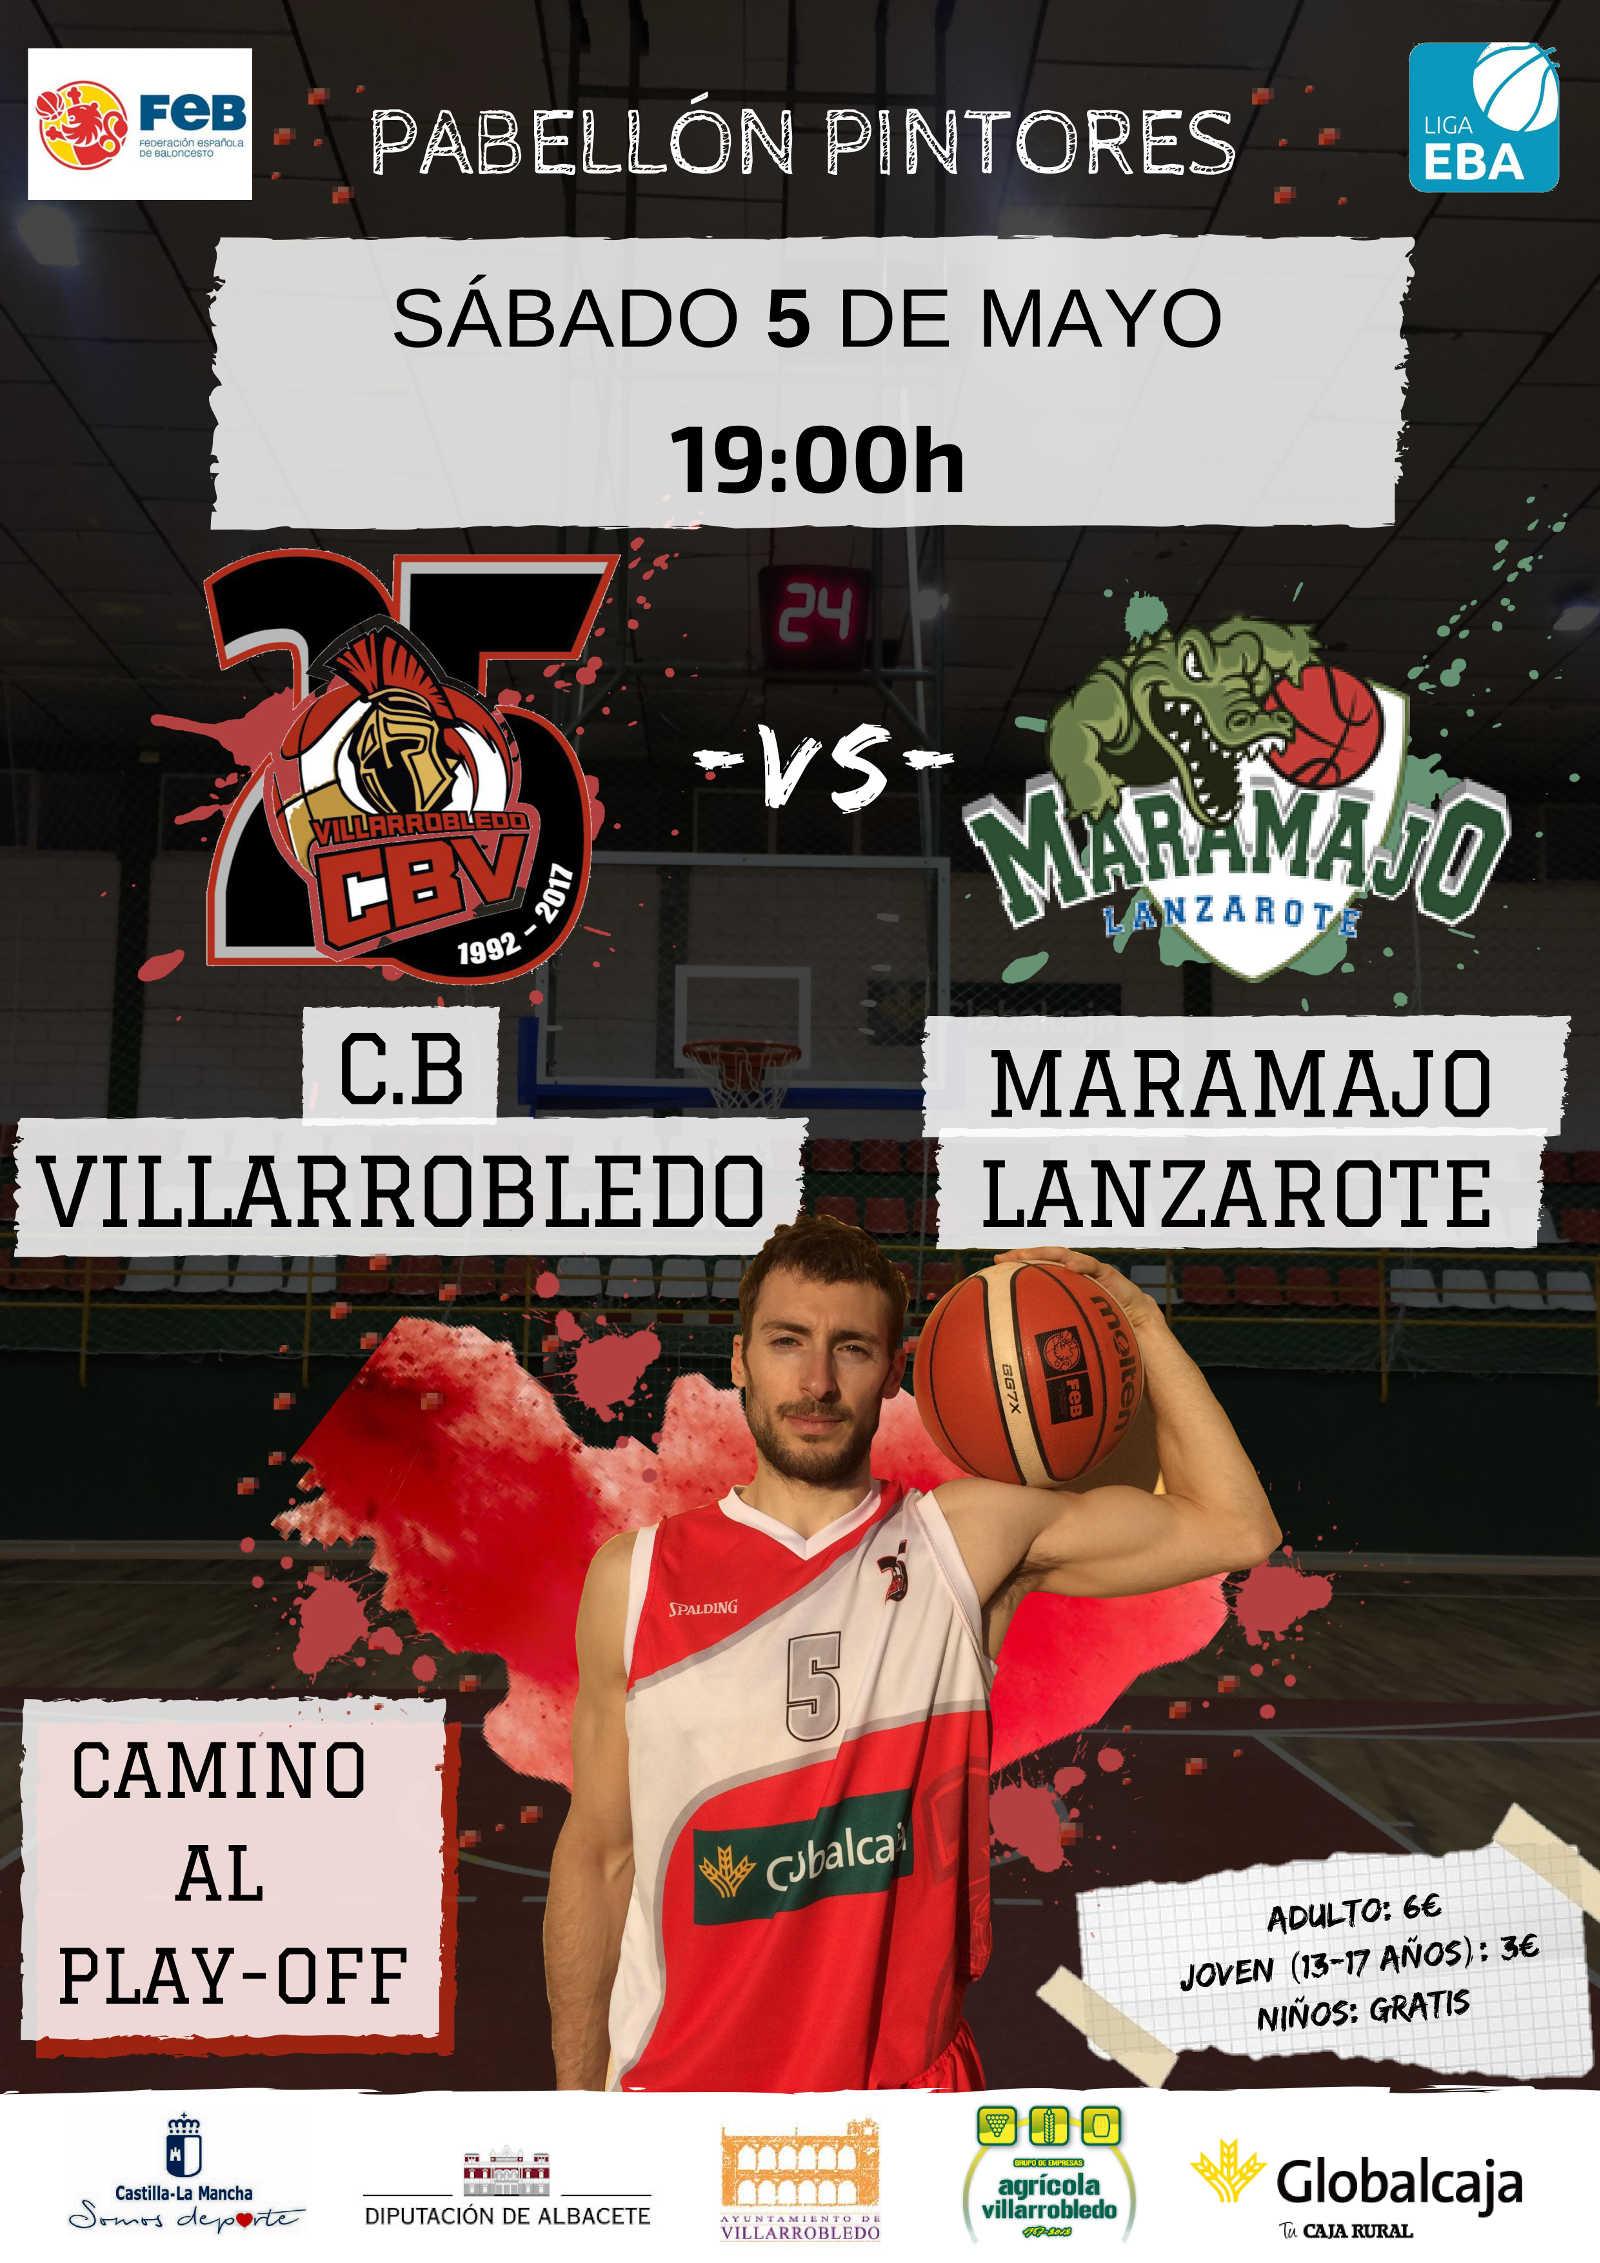 Cartel CB Villarrobledo - Maramajo Teguise Lanzarote